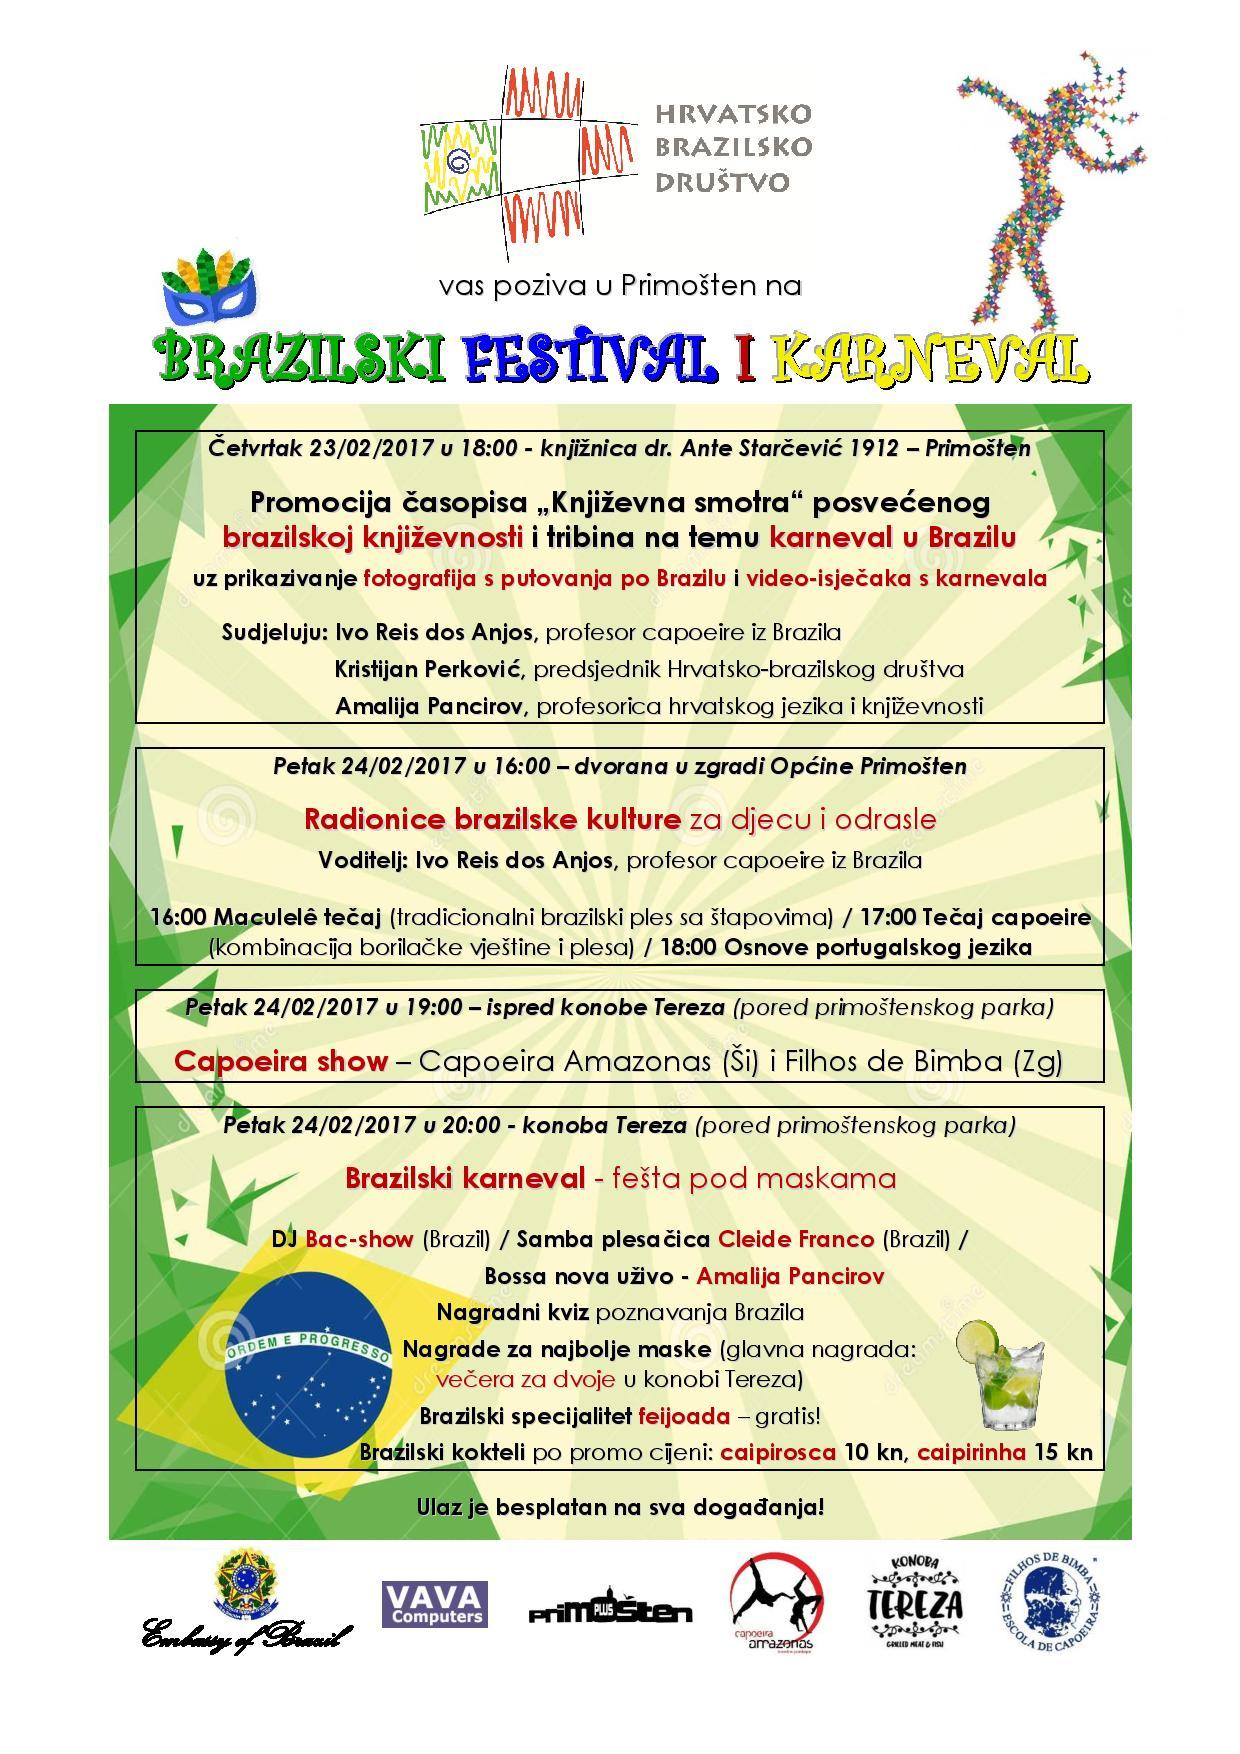 Brazilski_festival_i_karneval_Primosten-page-002